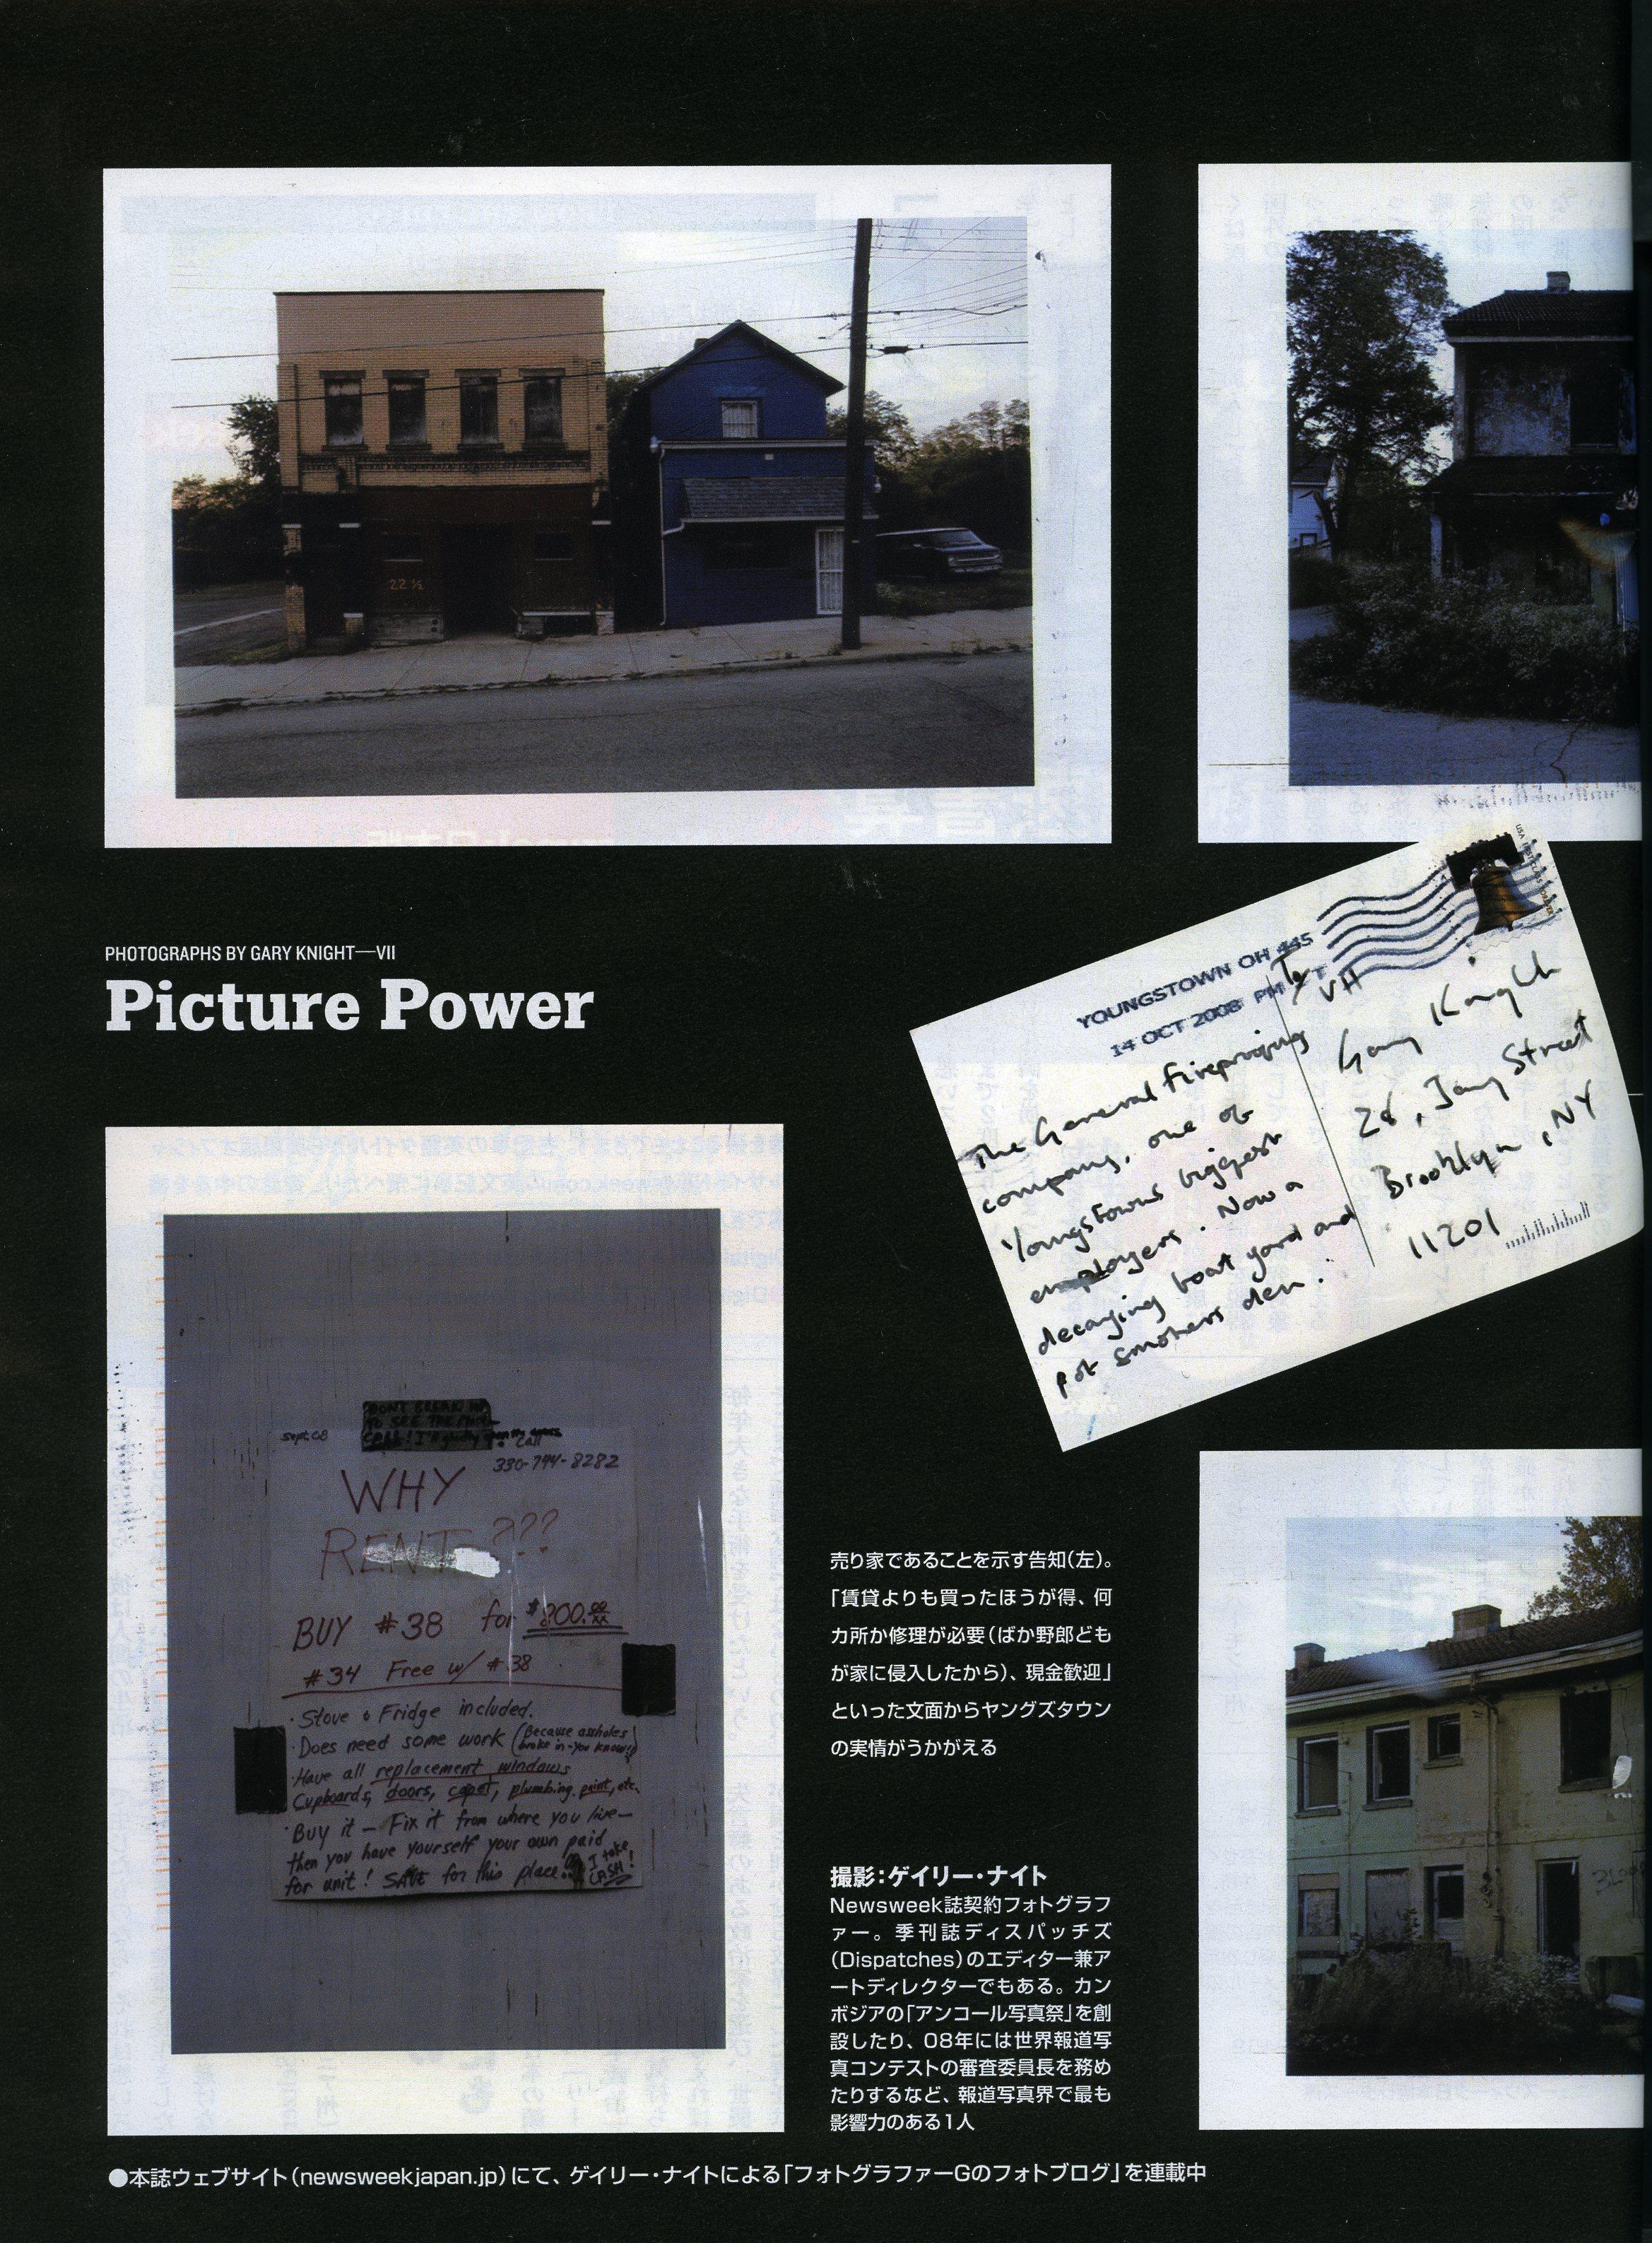 06102009_NEWSWEEK_JAPAN(?)_4.jpg